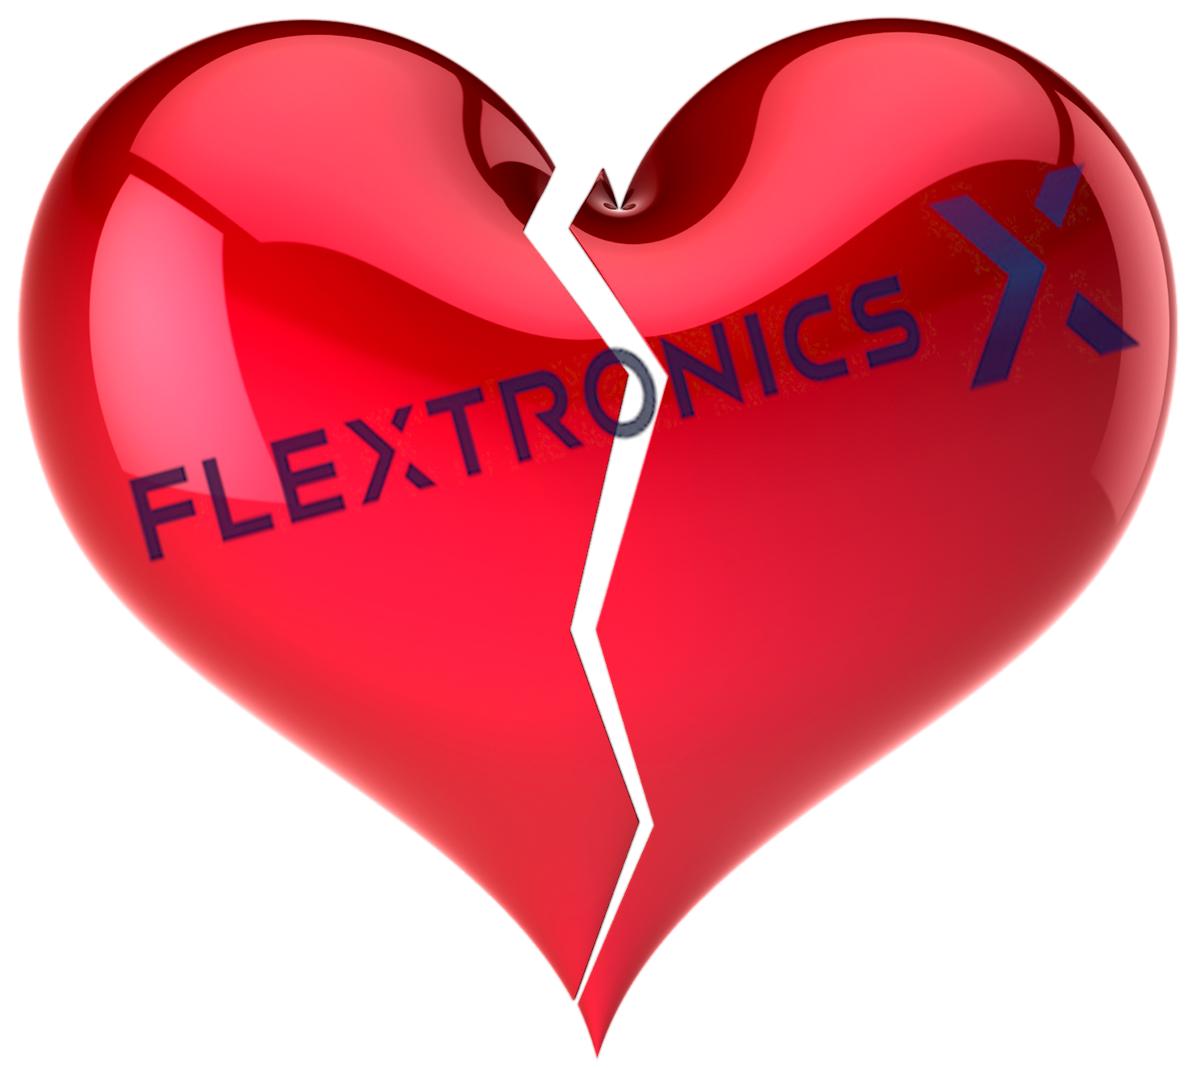 Am I Next? Flextronics Layoffs